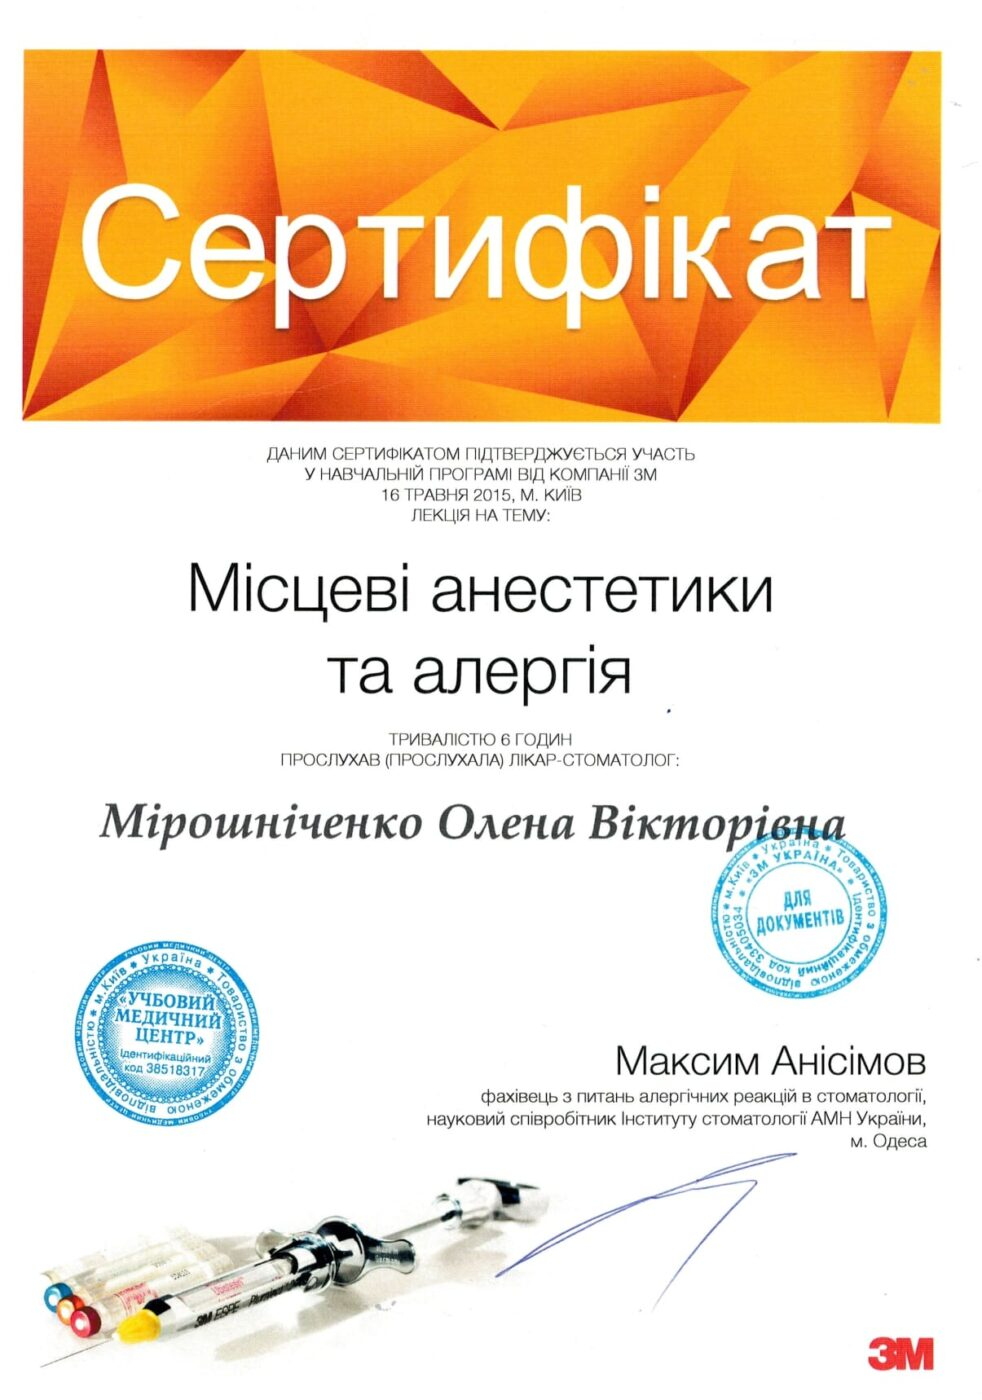 Сертификат подтверждающий участие Алёны Мирошниченко в курсе - Местные анестетики и аллергия